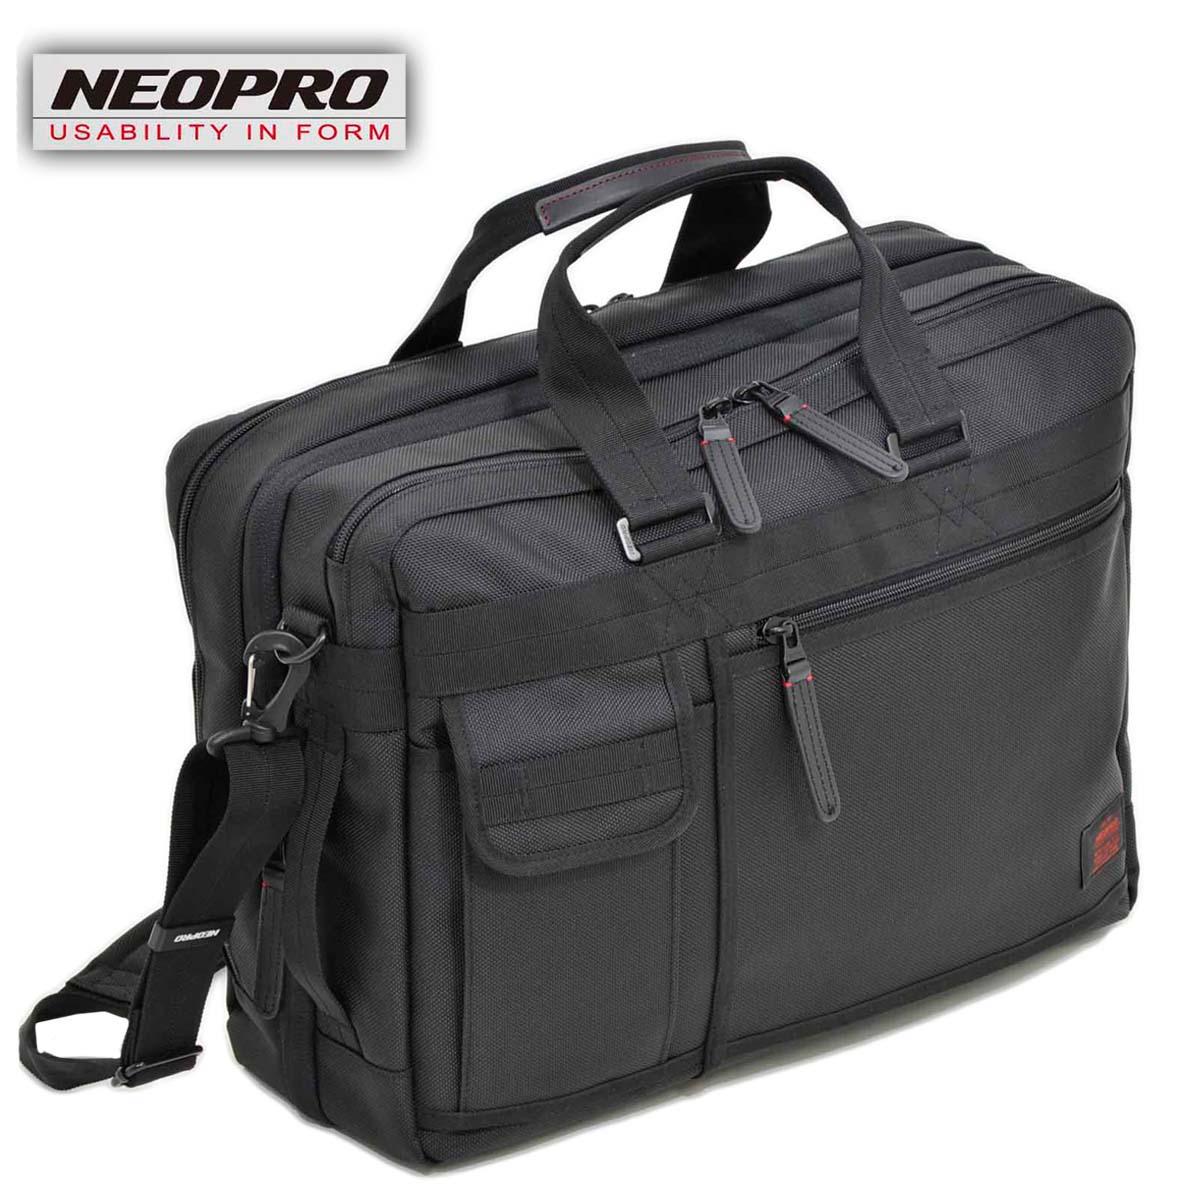 ビジネスバッグ NEOPRO ネオプロ No:2-033 マチ幅の広がる エクスパンダブル ブリーフ メンズ レディース A4 ファイル ノートPC対応 軽量 通勤 通学 就活 エンドー鞄